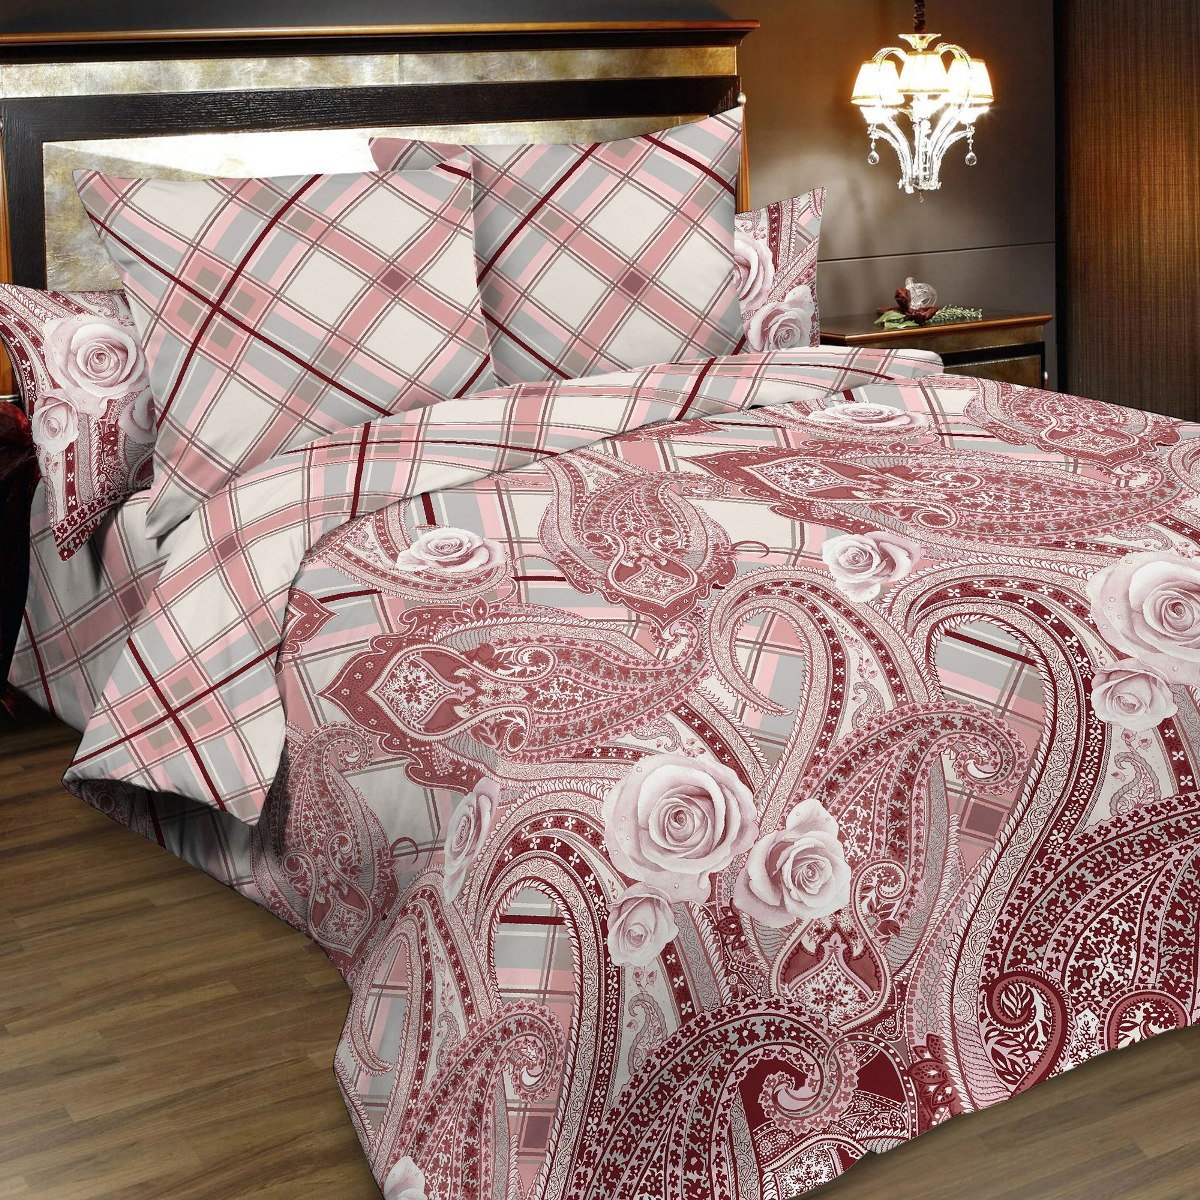 Комплект белья Letto, 2-спальный, наволочки 70х70, цвет: розовый. B169-4B165-4Серия Letto «Традиция» выполнена из классической российской бязи, привычной для большинства российских покупательниц. Ткань плотная (125гр/м), используются современные устойчивые красители. Традиционная российская бязь выгодно отличается от импортных аналогов по цене, при том, что сама ткань и толще, меньше сминается и служит намного дольше. Рекомендуется перед первым использованием постирать, но не пересушивать. Применение кондиционера при стирке сделает такое постельное белье мягче и комфортней. Пододеяльник на молнии. Обращаем внимание, что расцветка наволочек может отличаться от представленной на фото.